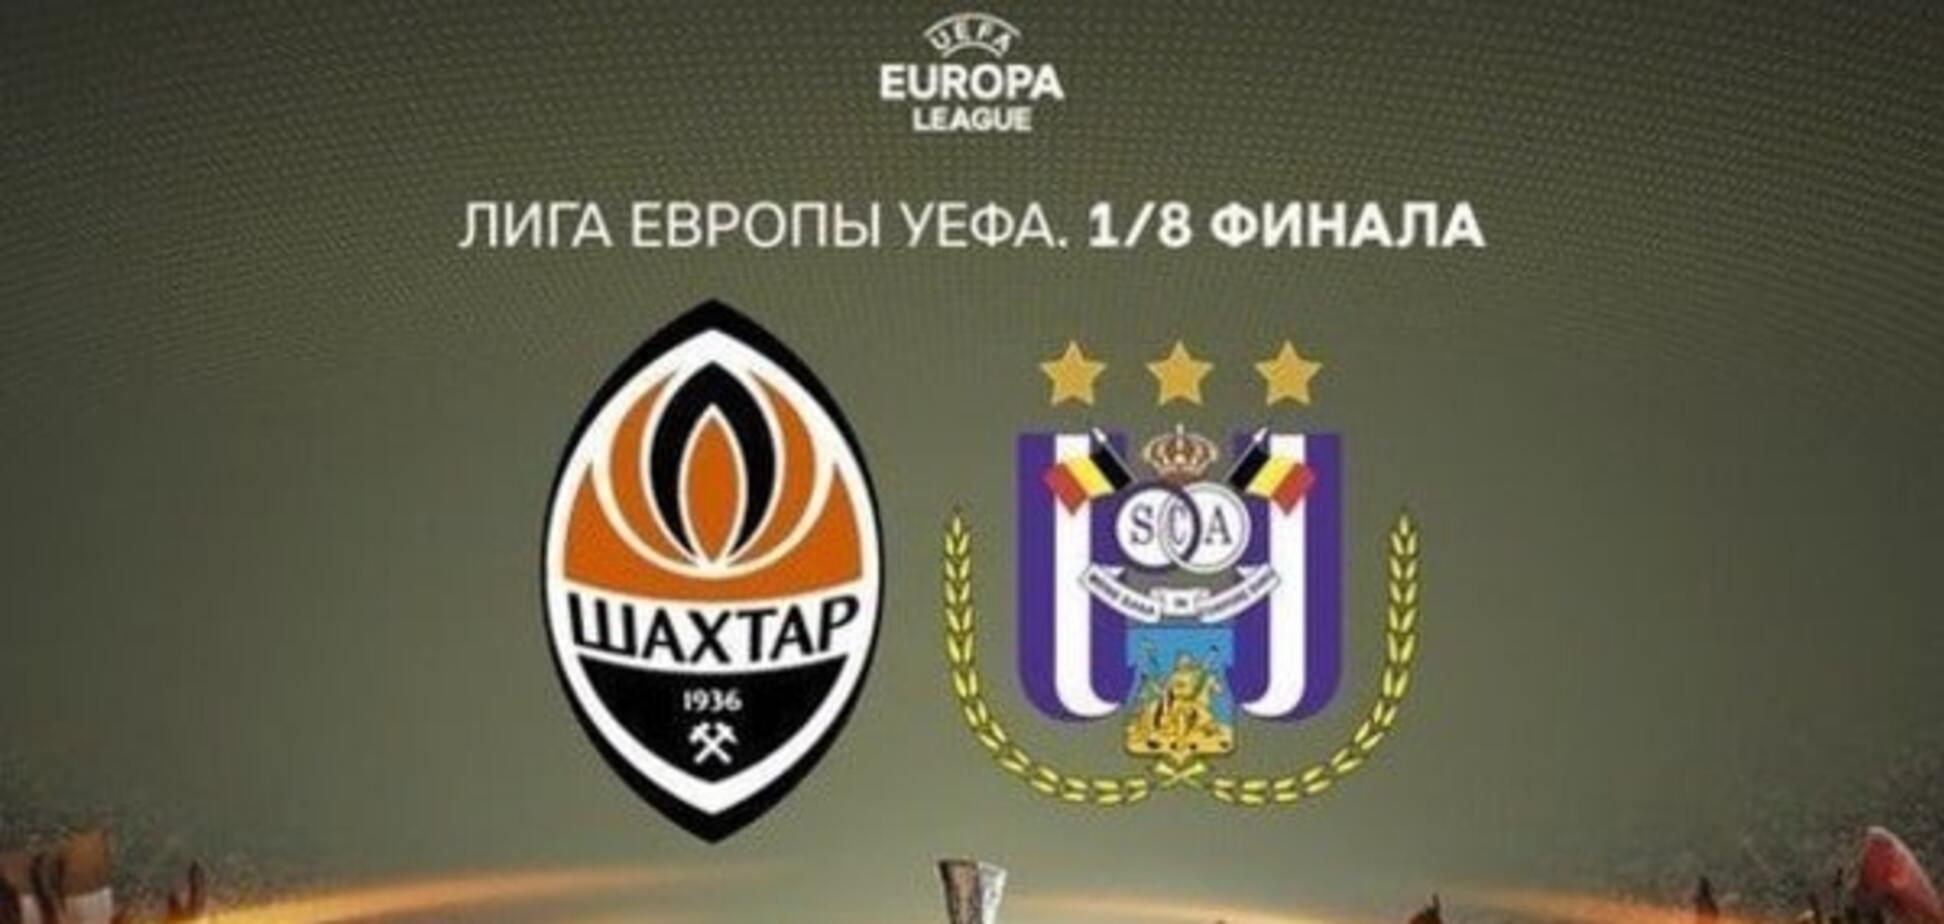 Шахтар - Андерлехт: анонс, прогноз, де дивитися матч 1/8 фіналу Ліги Європи